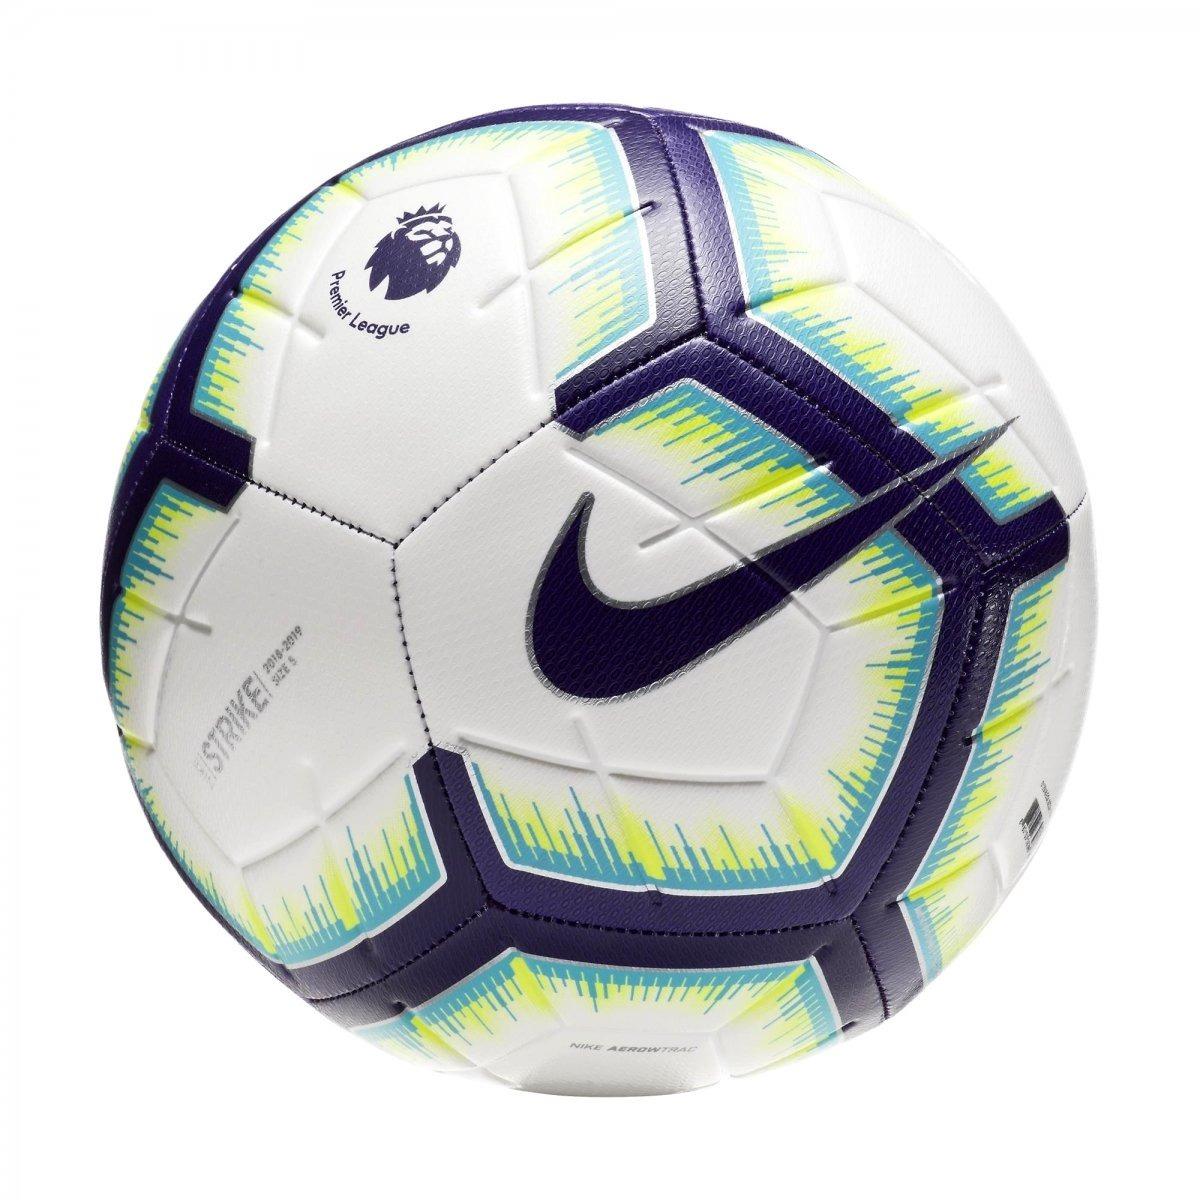 Bola Nike Campo Futebol Premier League Original - R  100 0ac21750e32ce